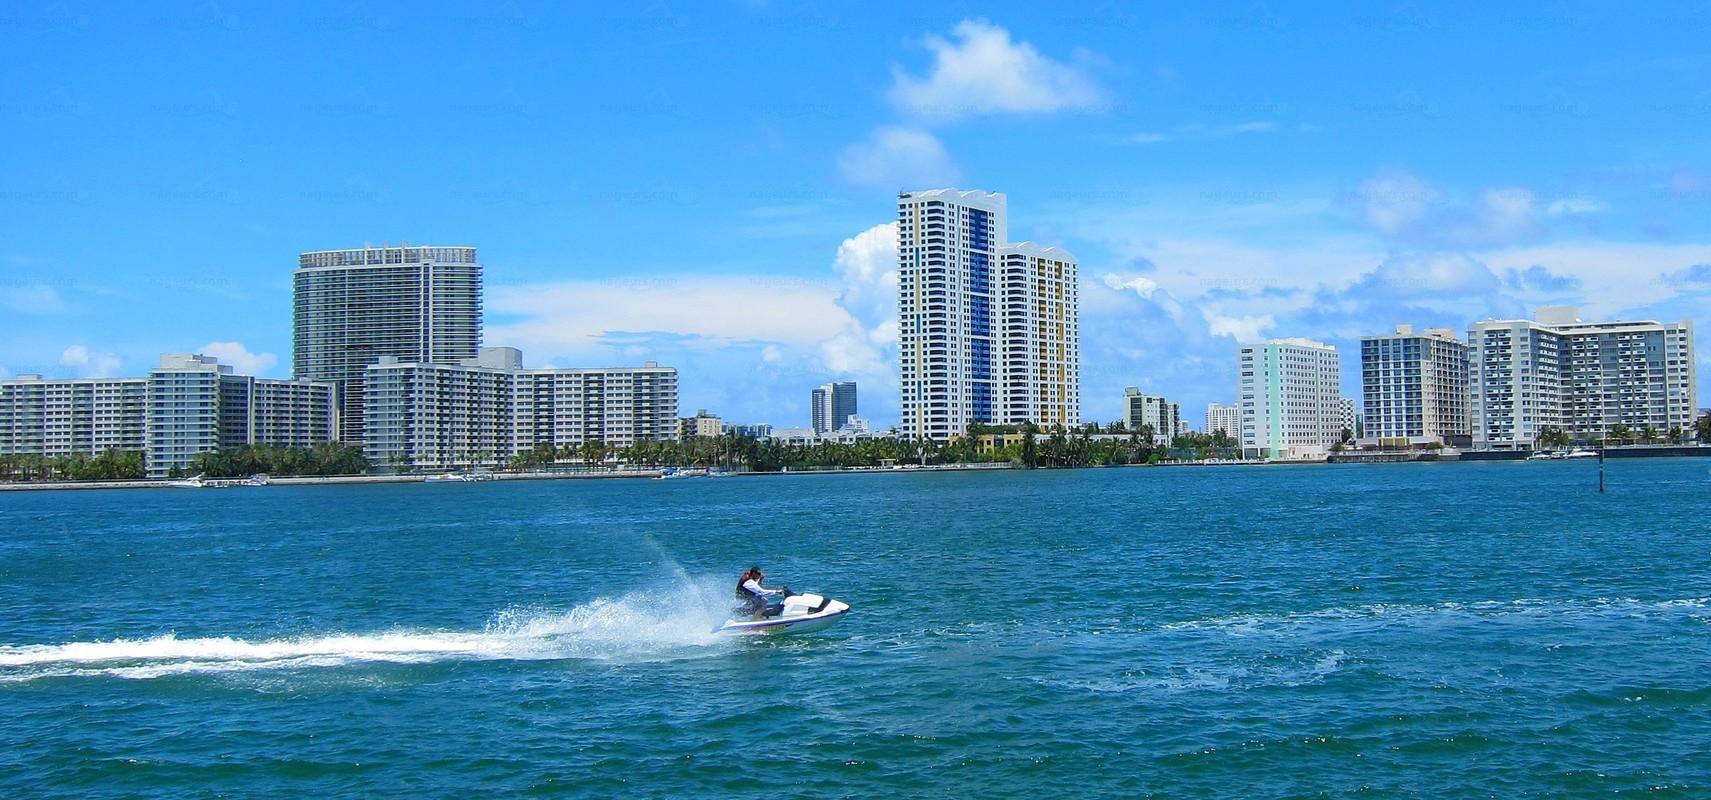 South Beach Miami Beach Florida  Nageurscom